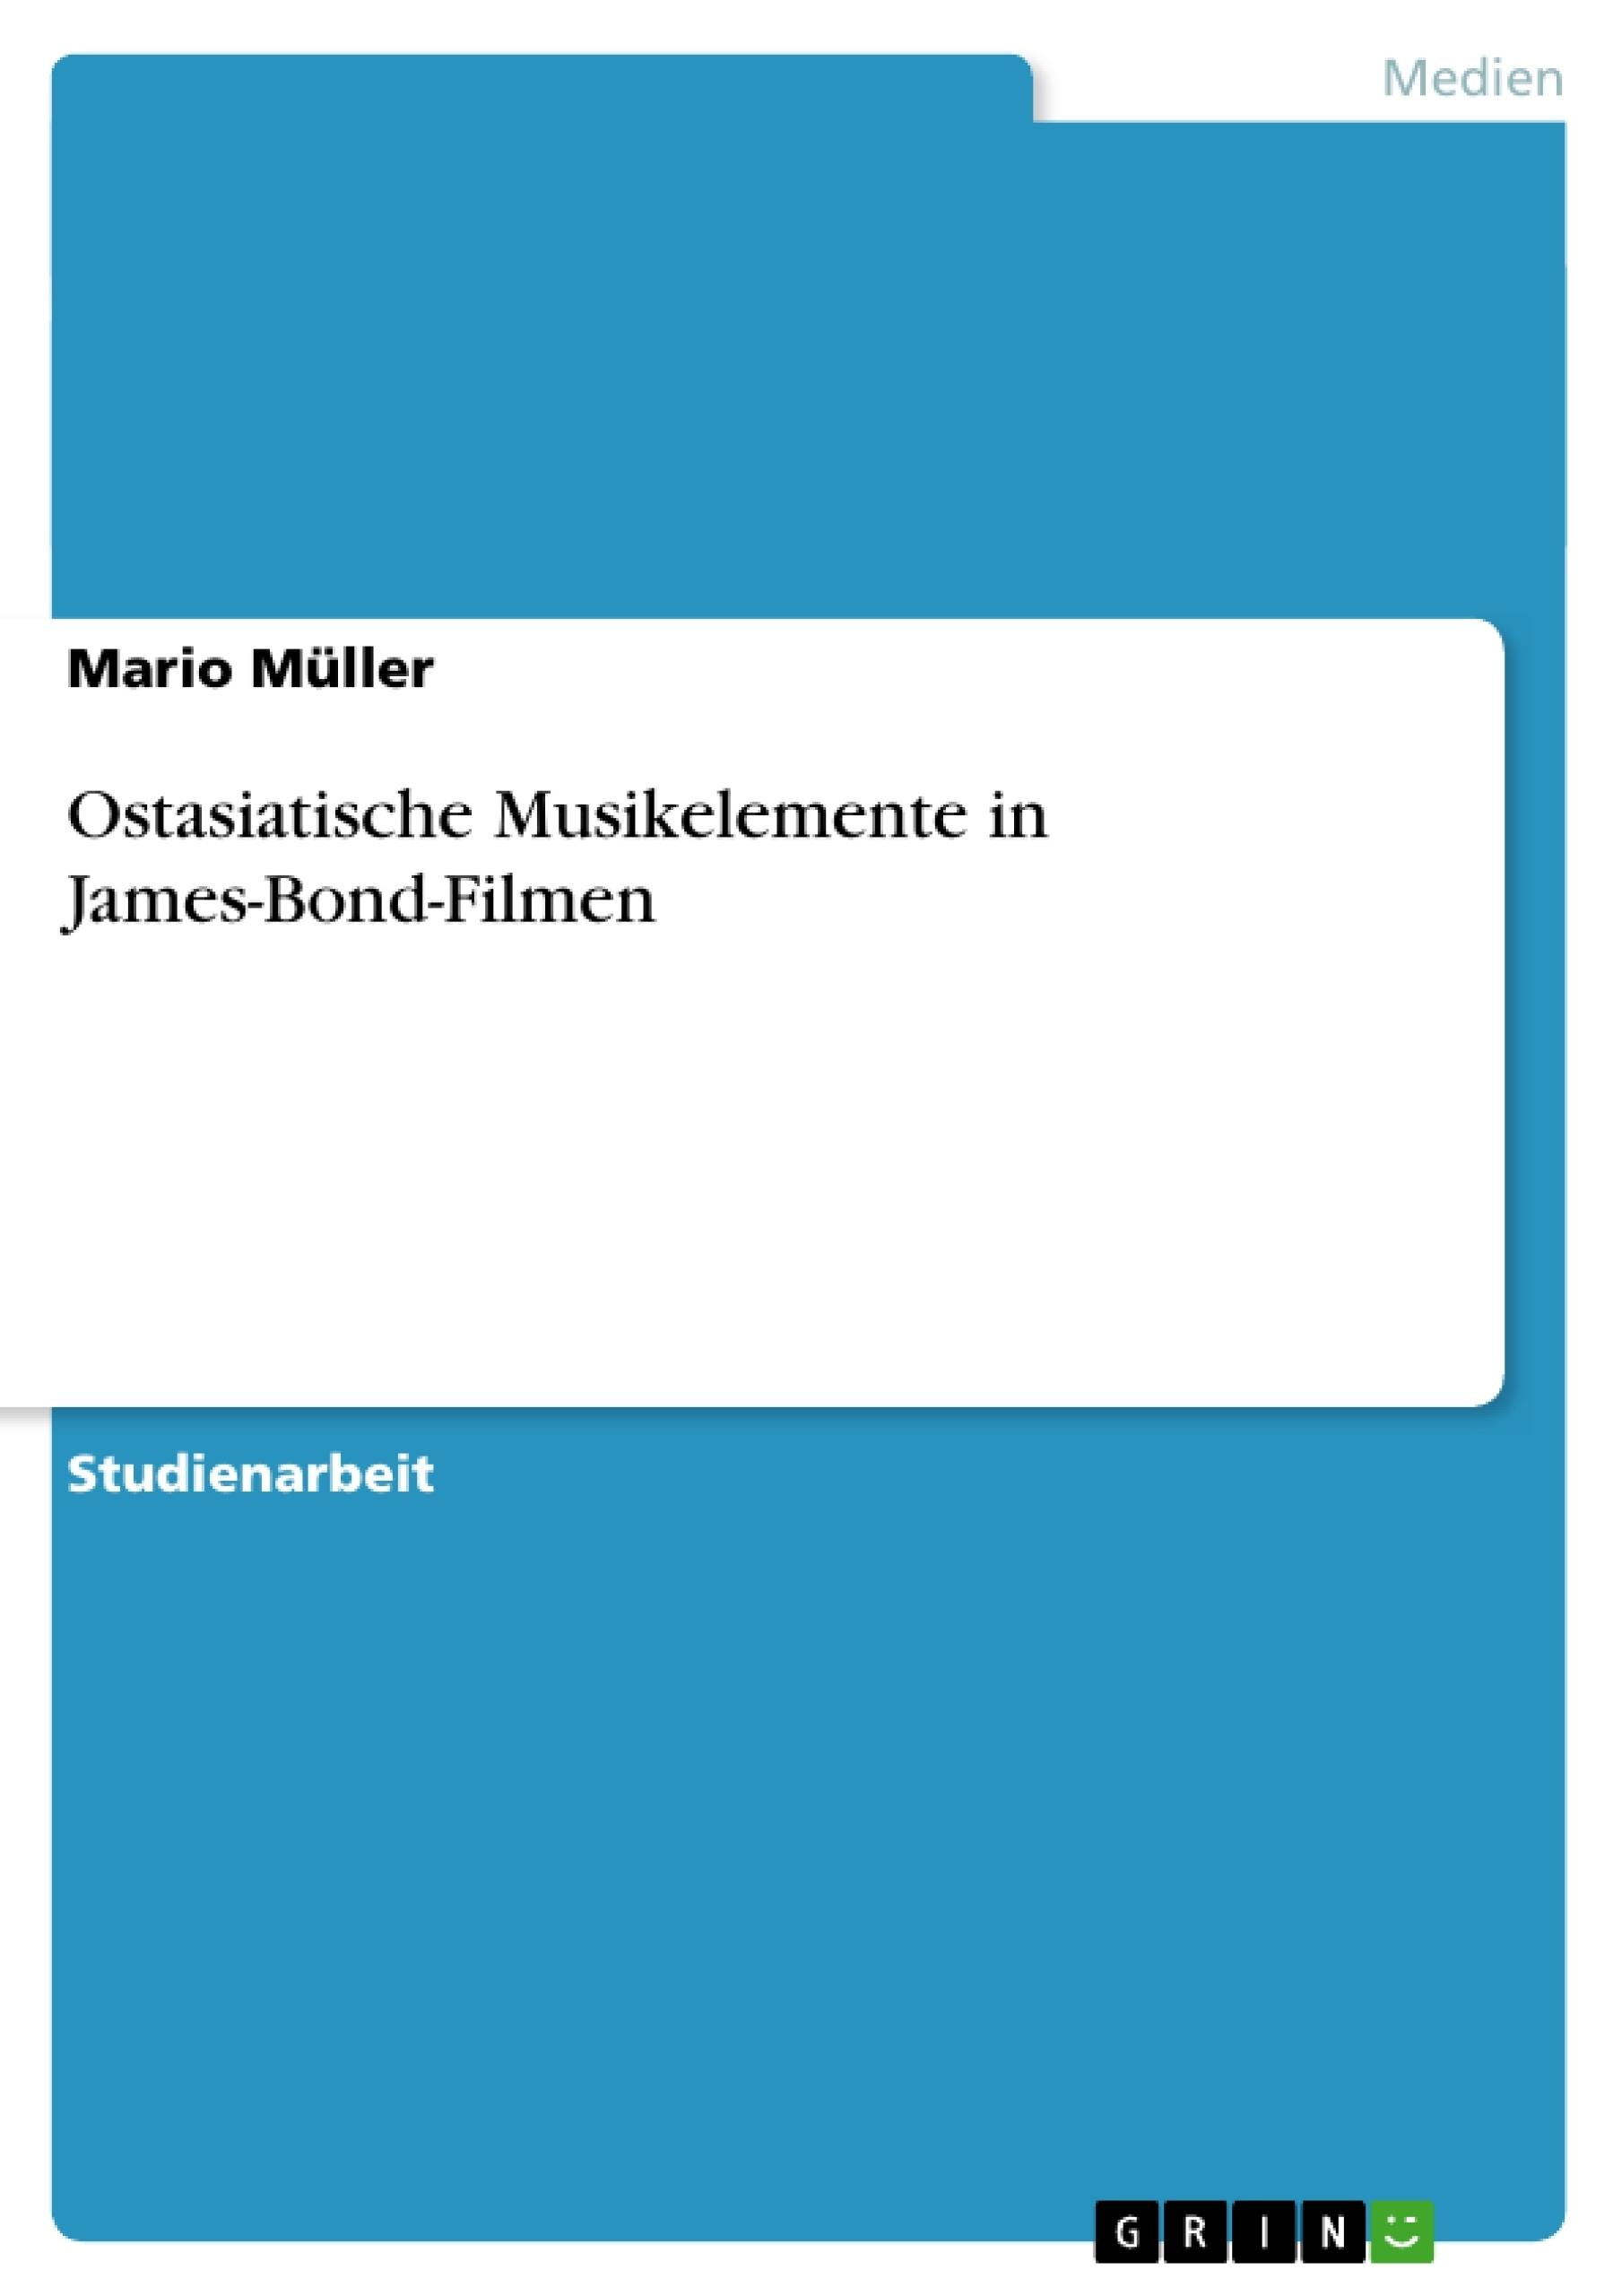 Titel: Ostasiatische Musikelemente in James-Bond-Filmen